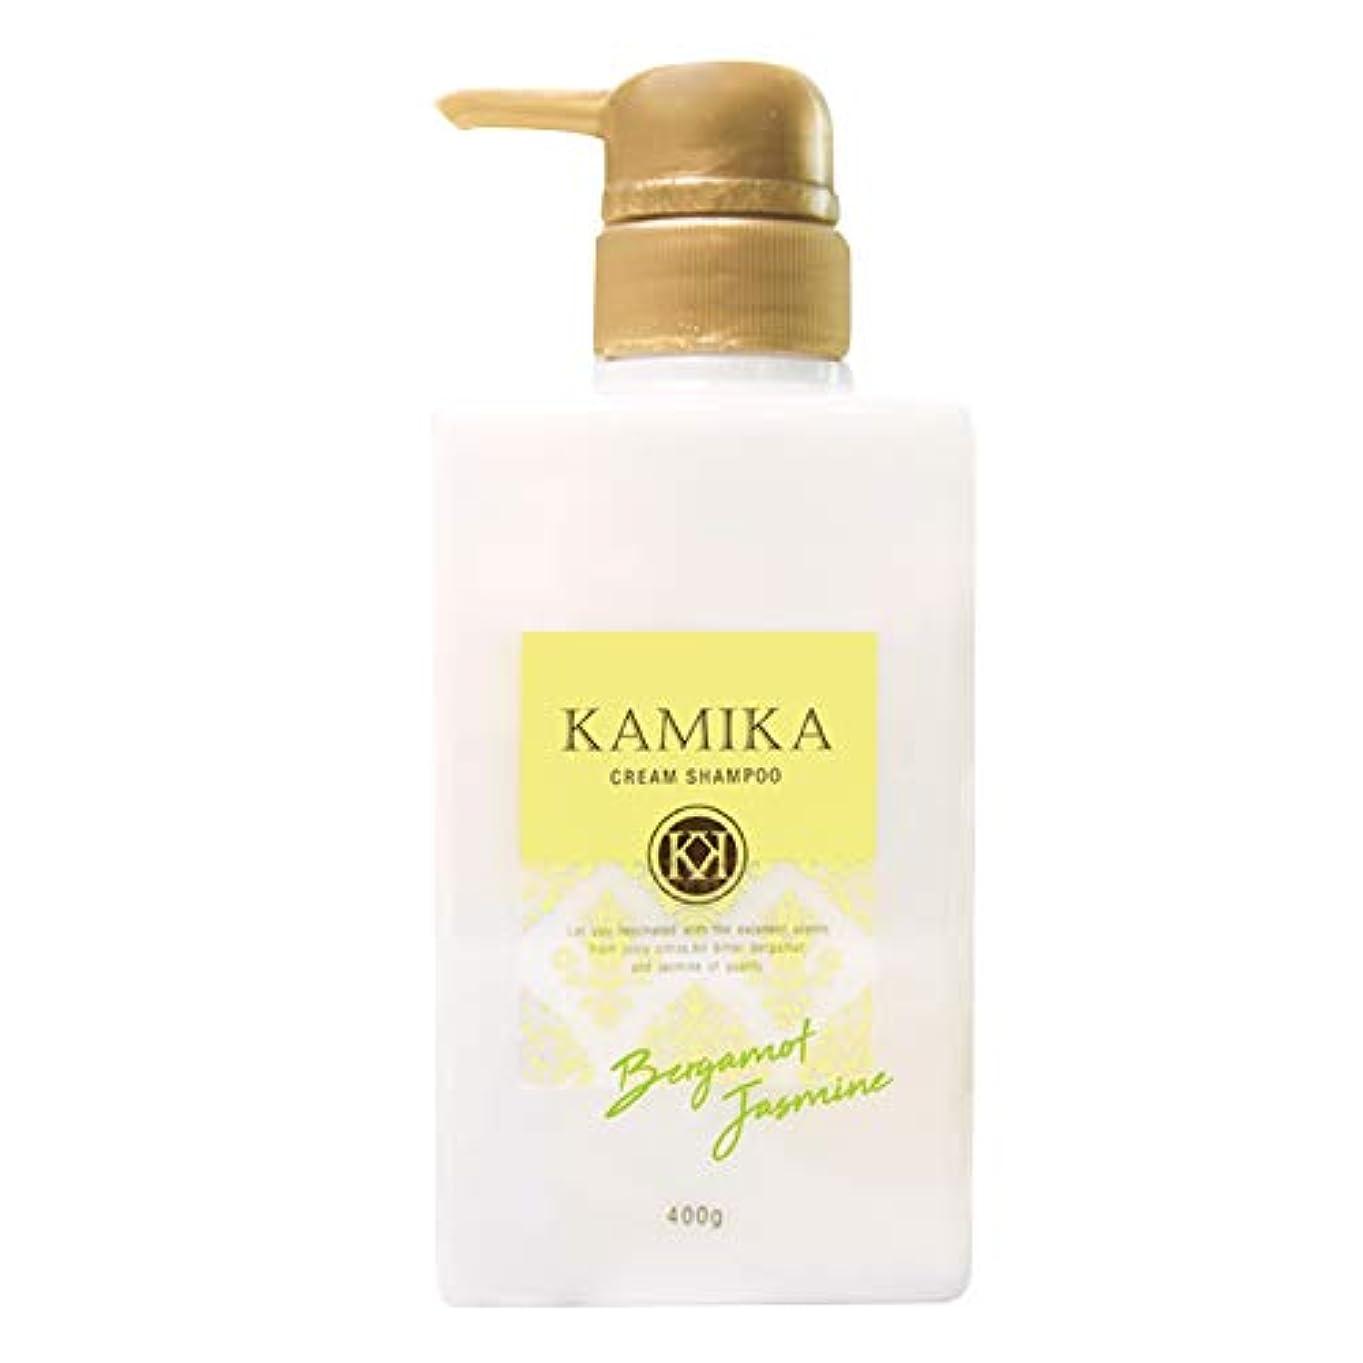 ダム番目形式夏限定ベルガモットジャスミンの香り 黒髪クリームシャンプー KAMIKA(カミカ) 自然派オールインワンシャンプー 幹細胞配合 (1)